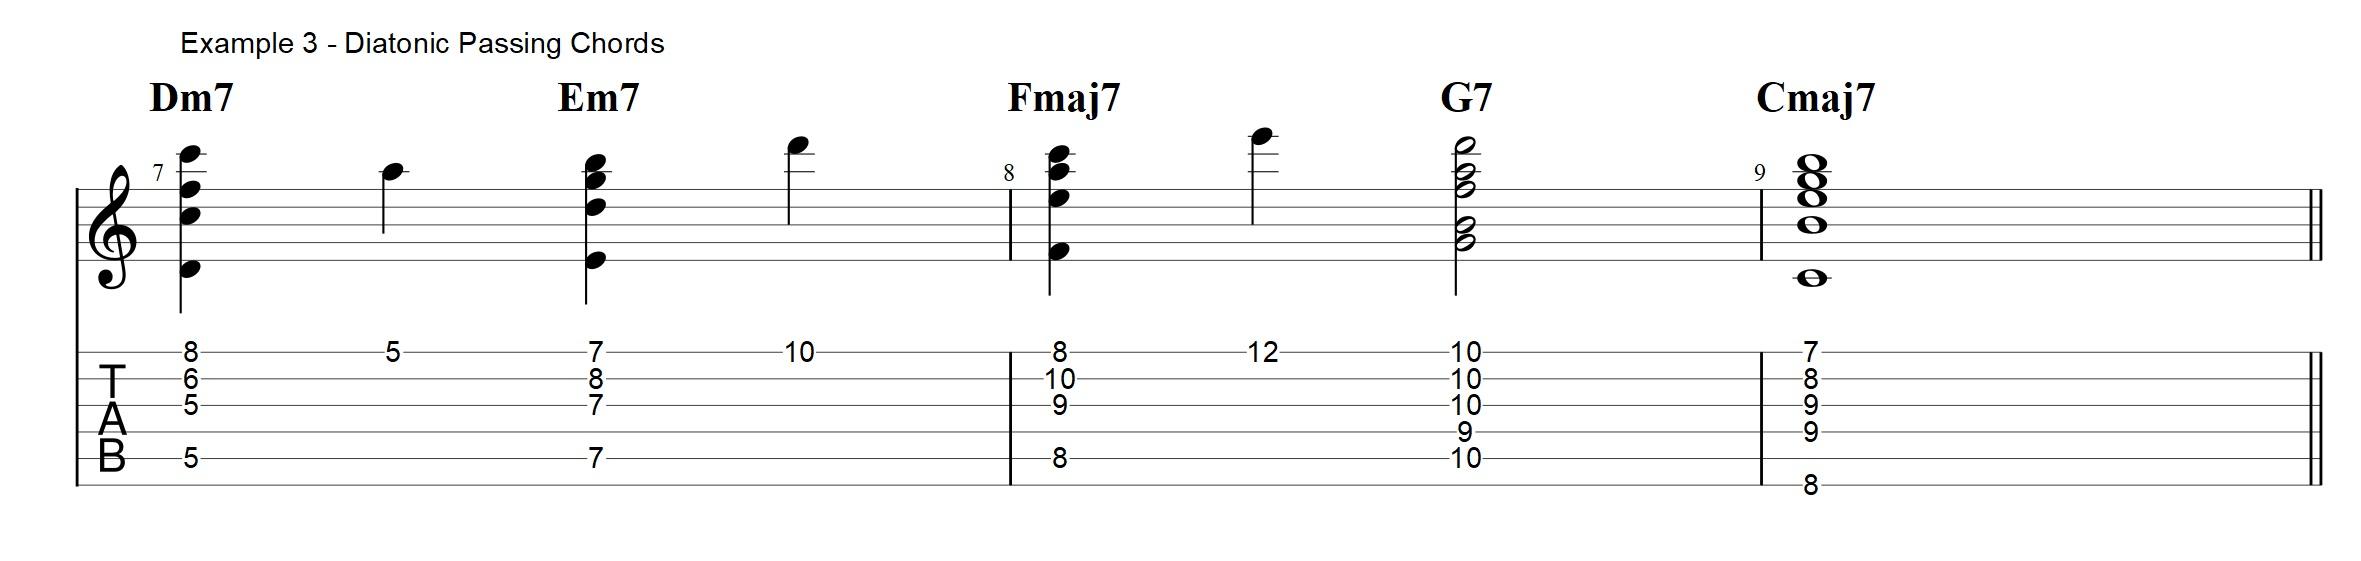 ii v i guitar pdf Archives - Jens Larsen